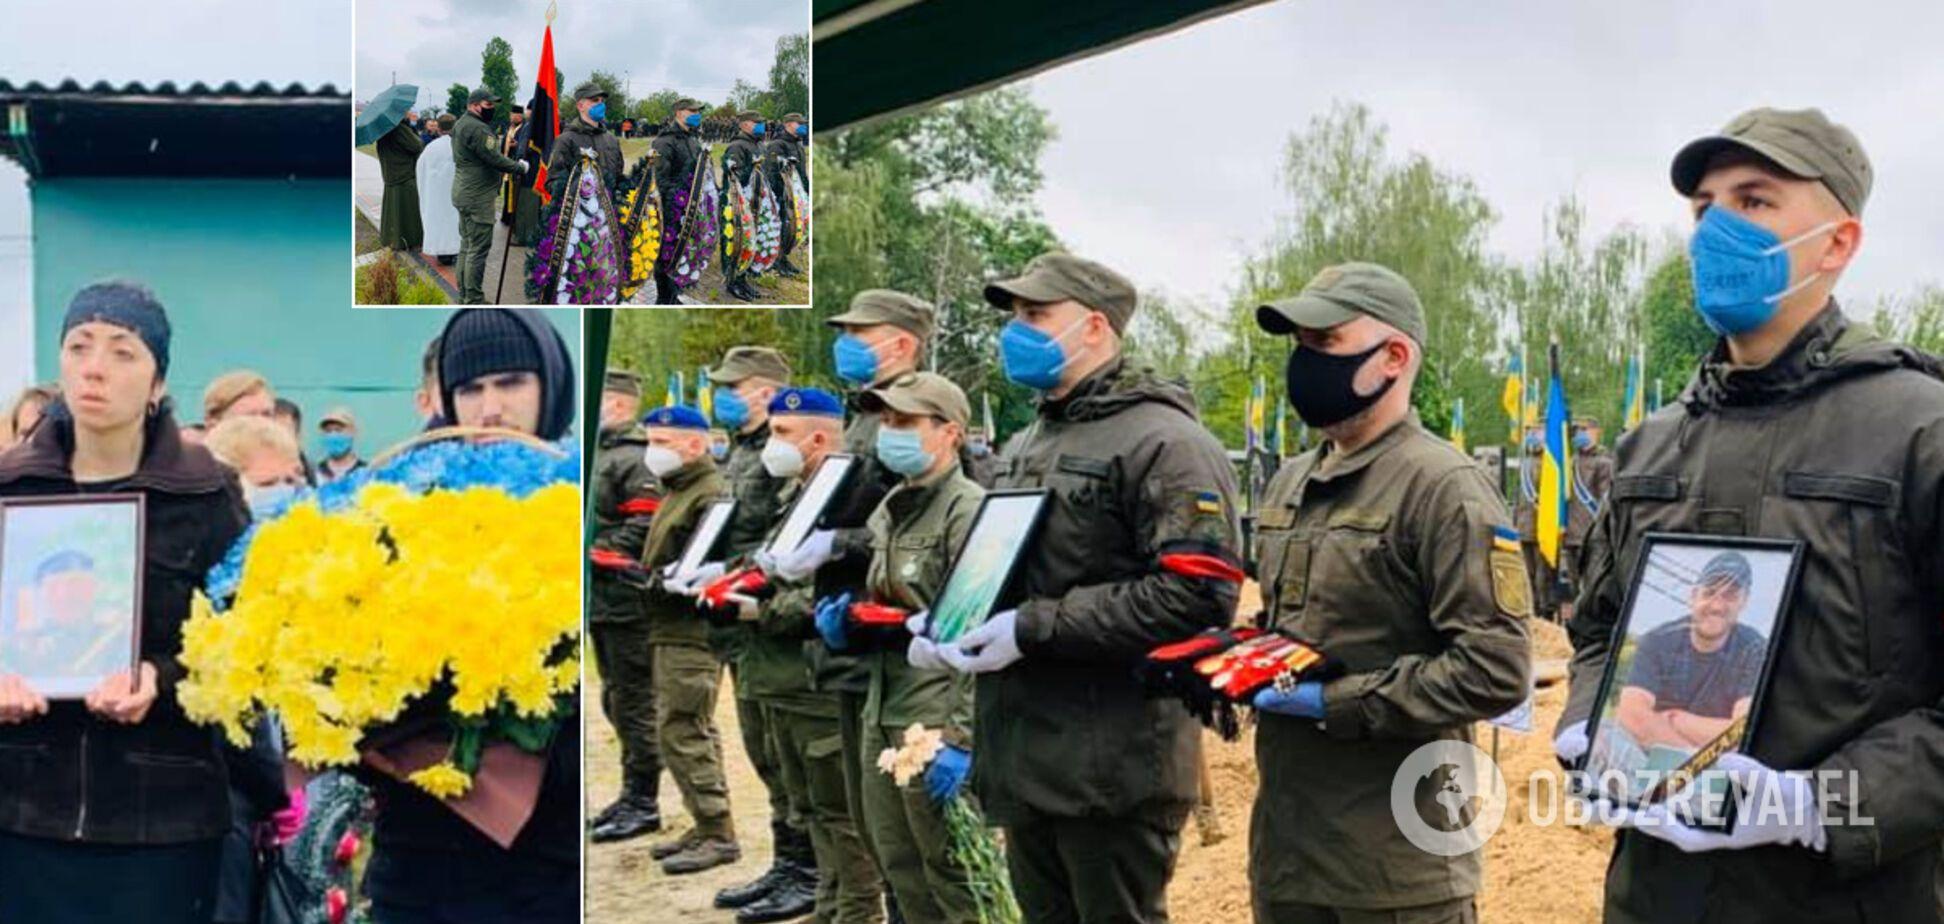 У Києві попрощалися із жертвами кривавої стрілянини на Житомирщині: сумні фото й відео